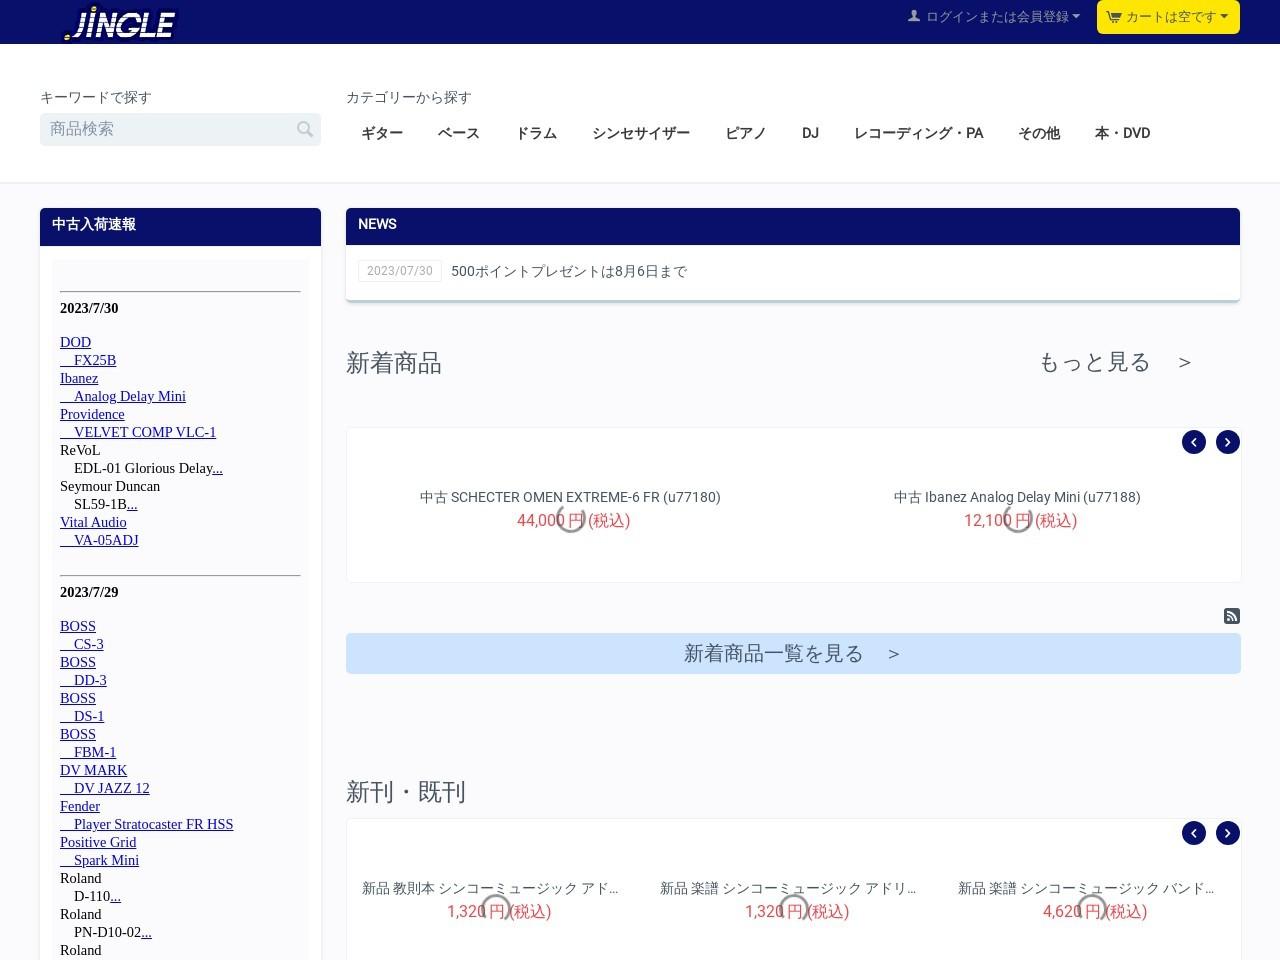 中古楽器販売と楽器買取、音楽教室 - 札幌の楽器店【JINGLE(ジングル)】